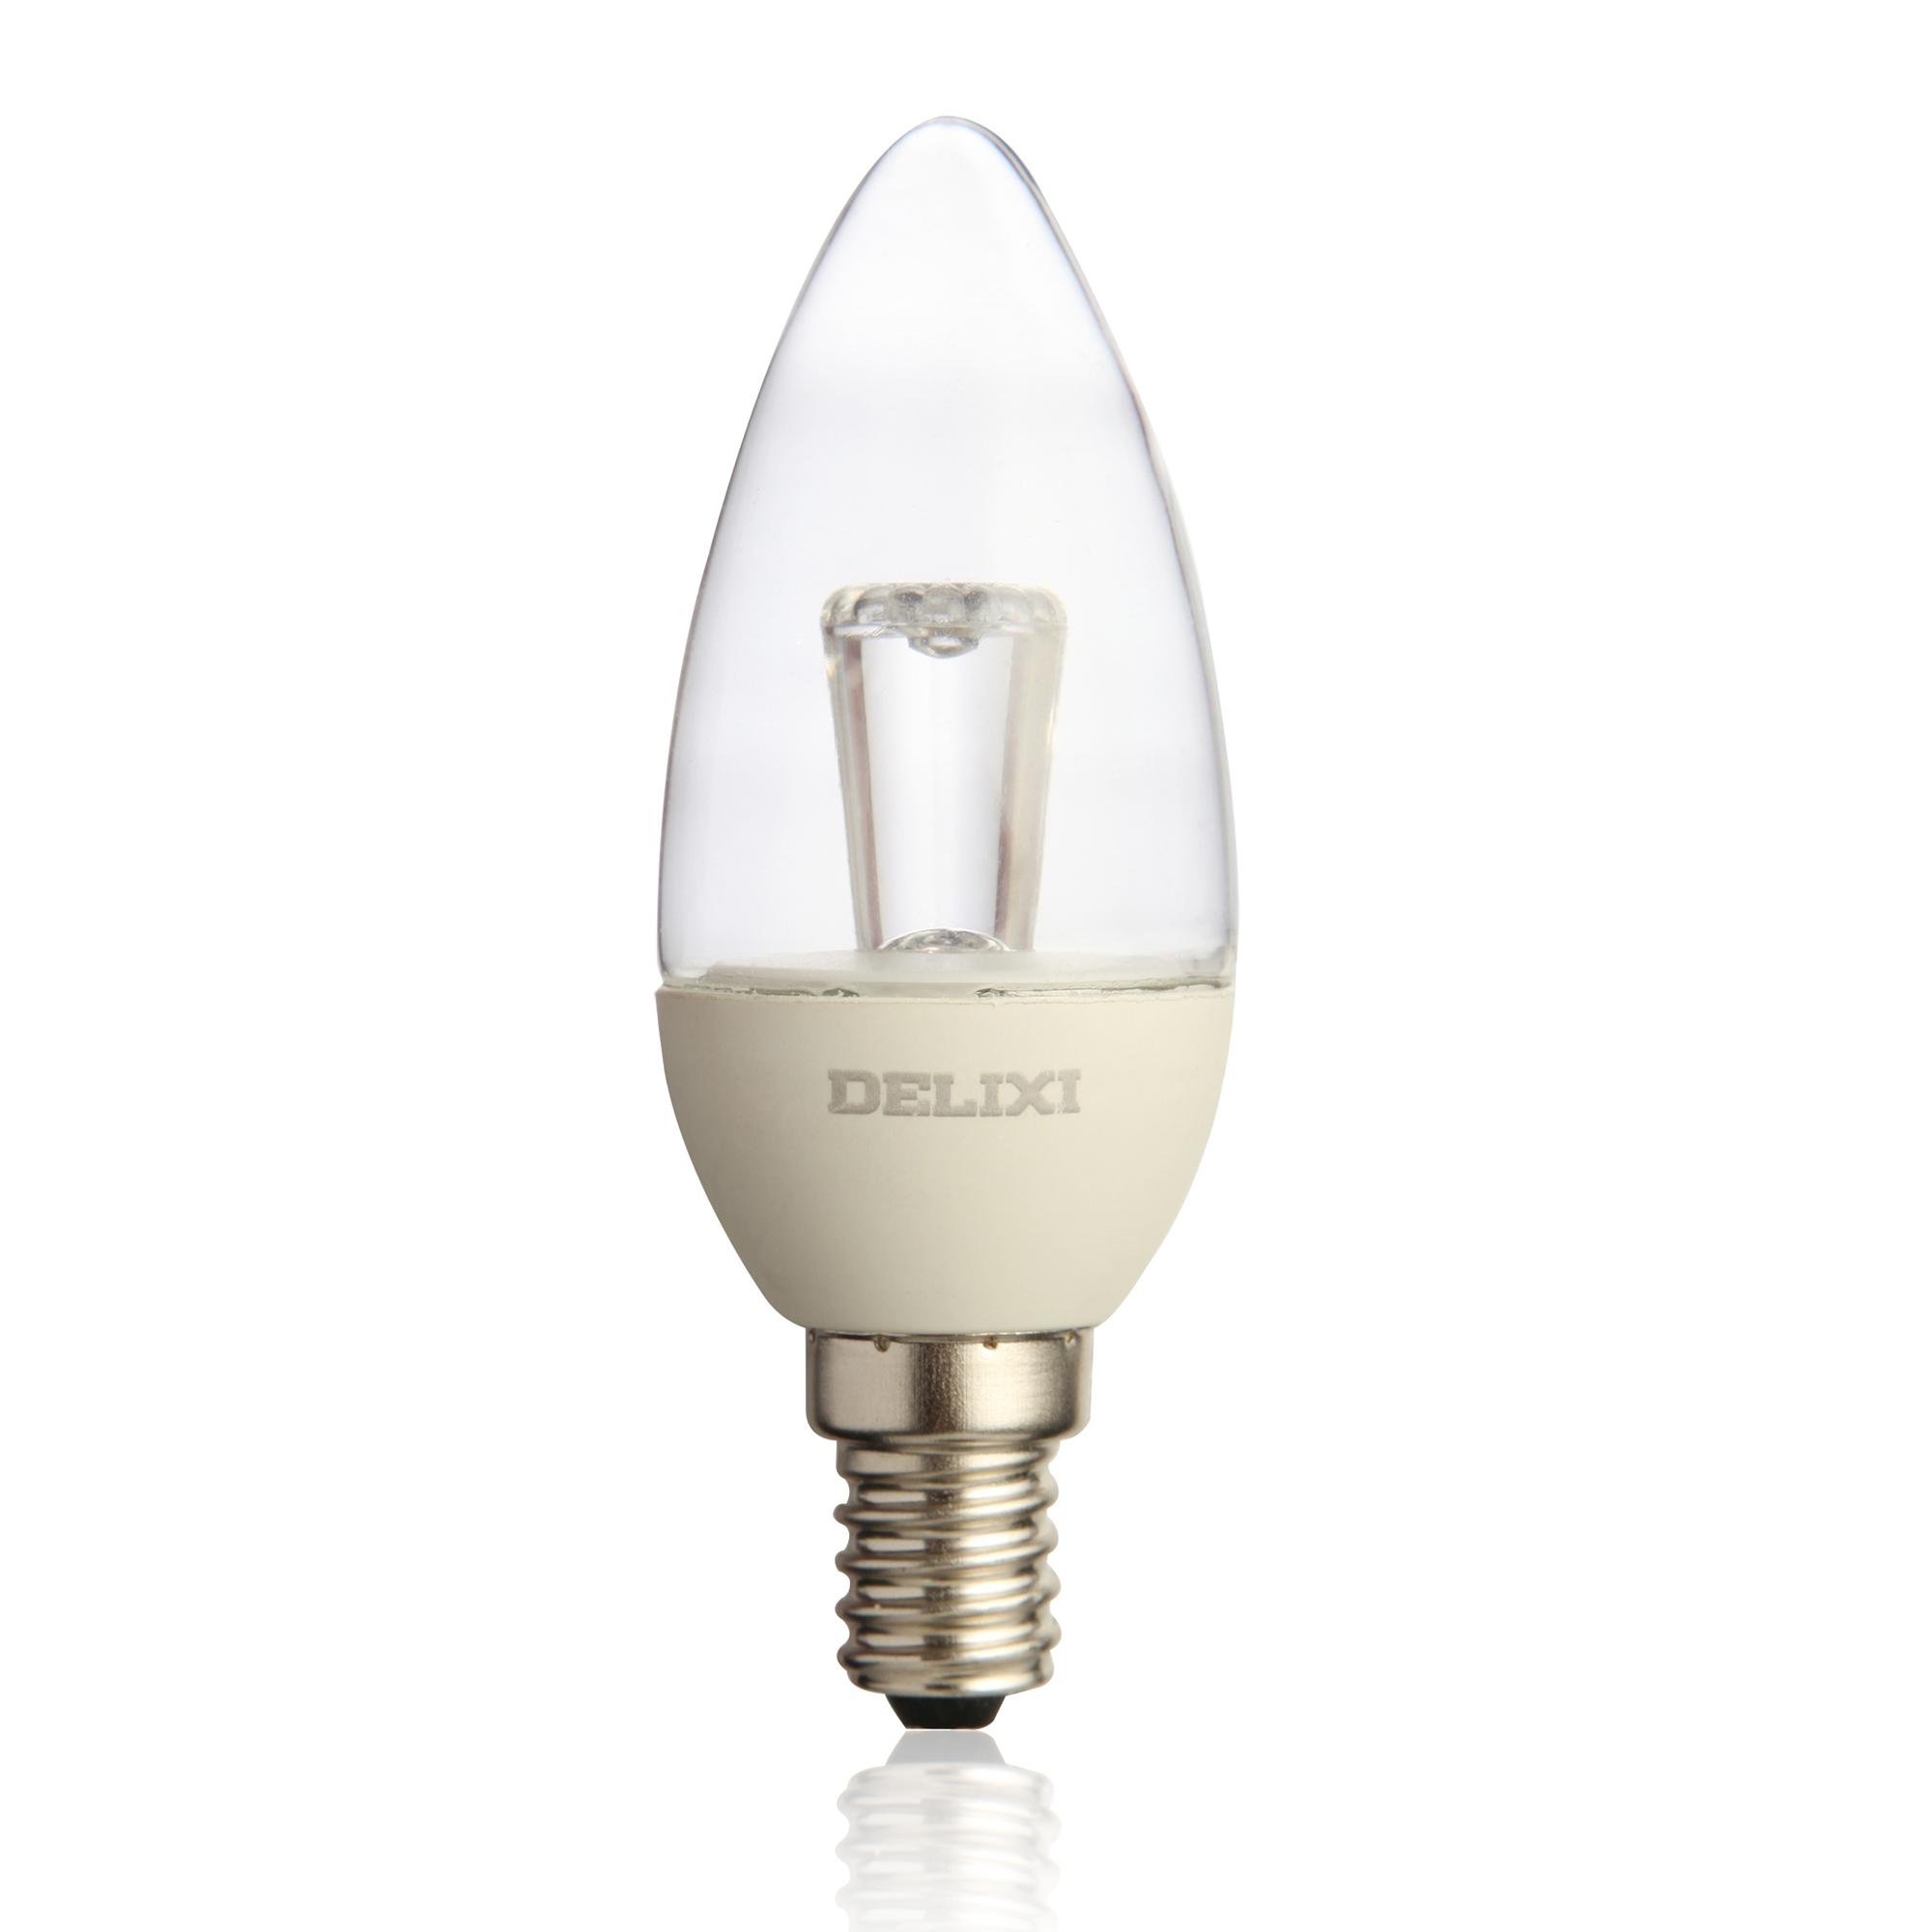 B35 indoor light